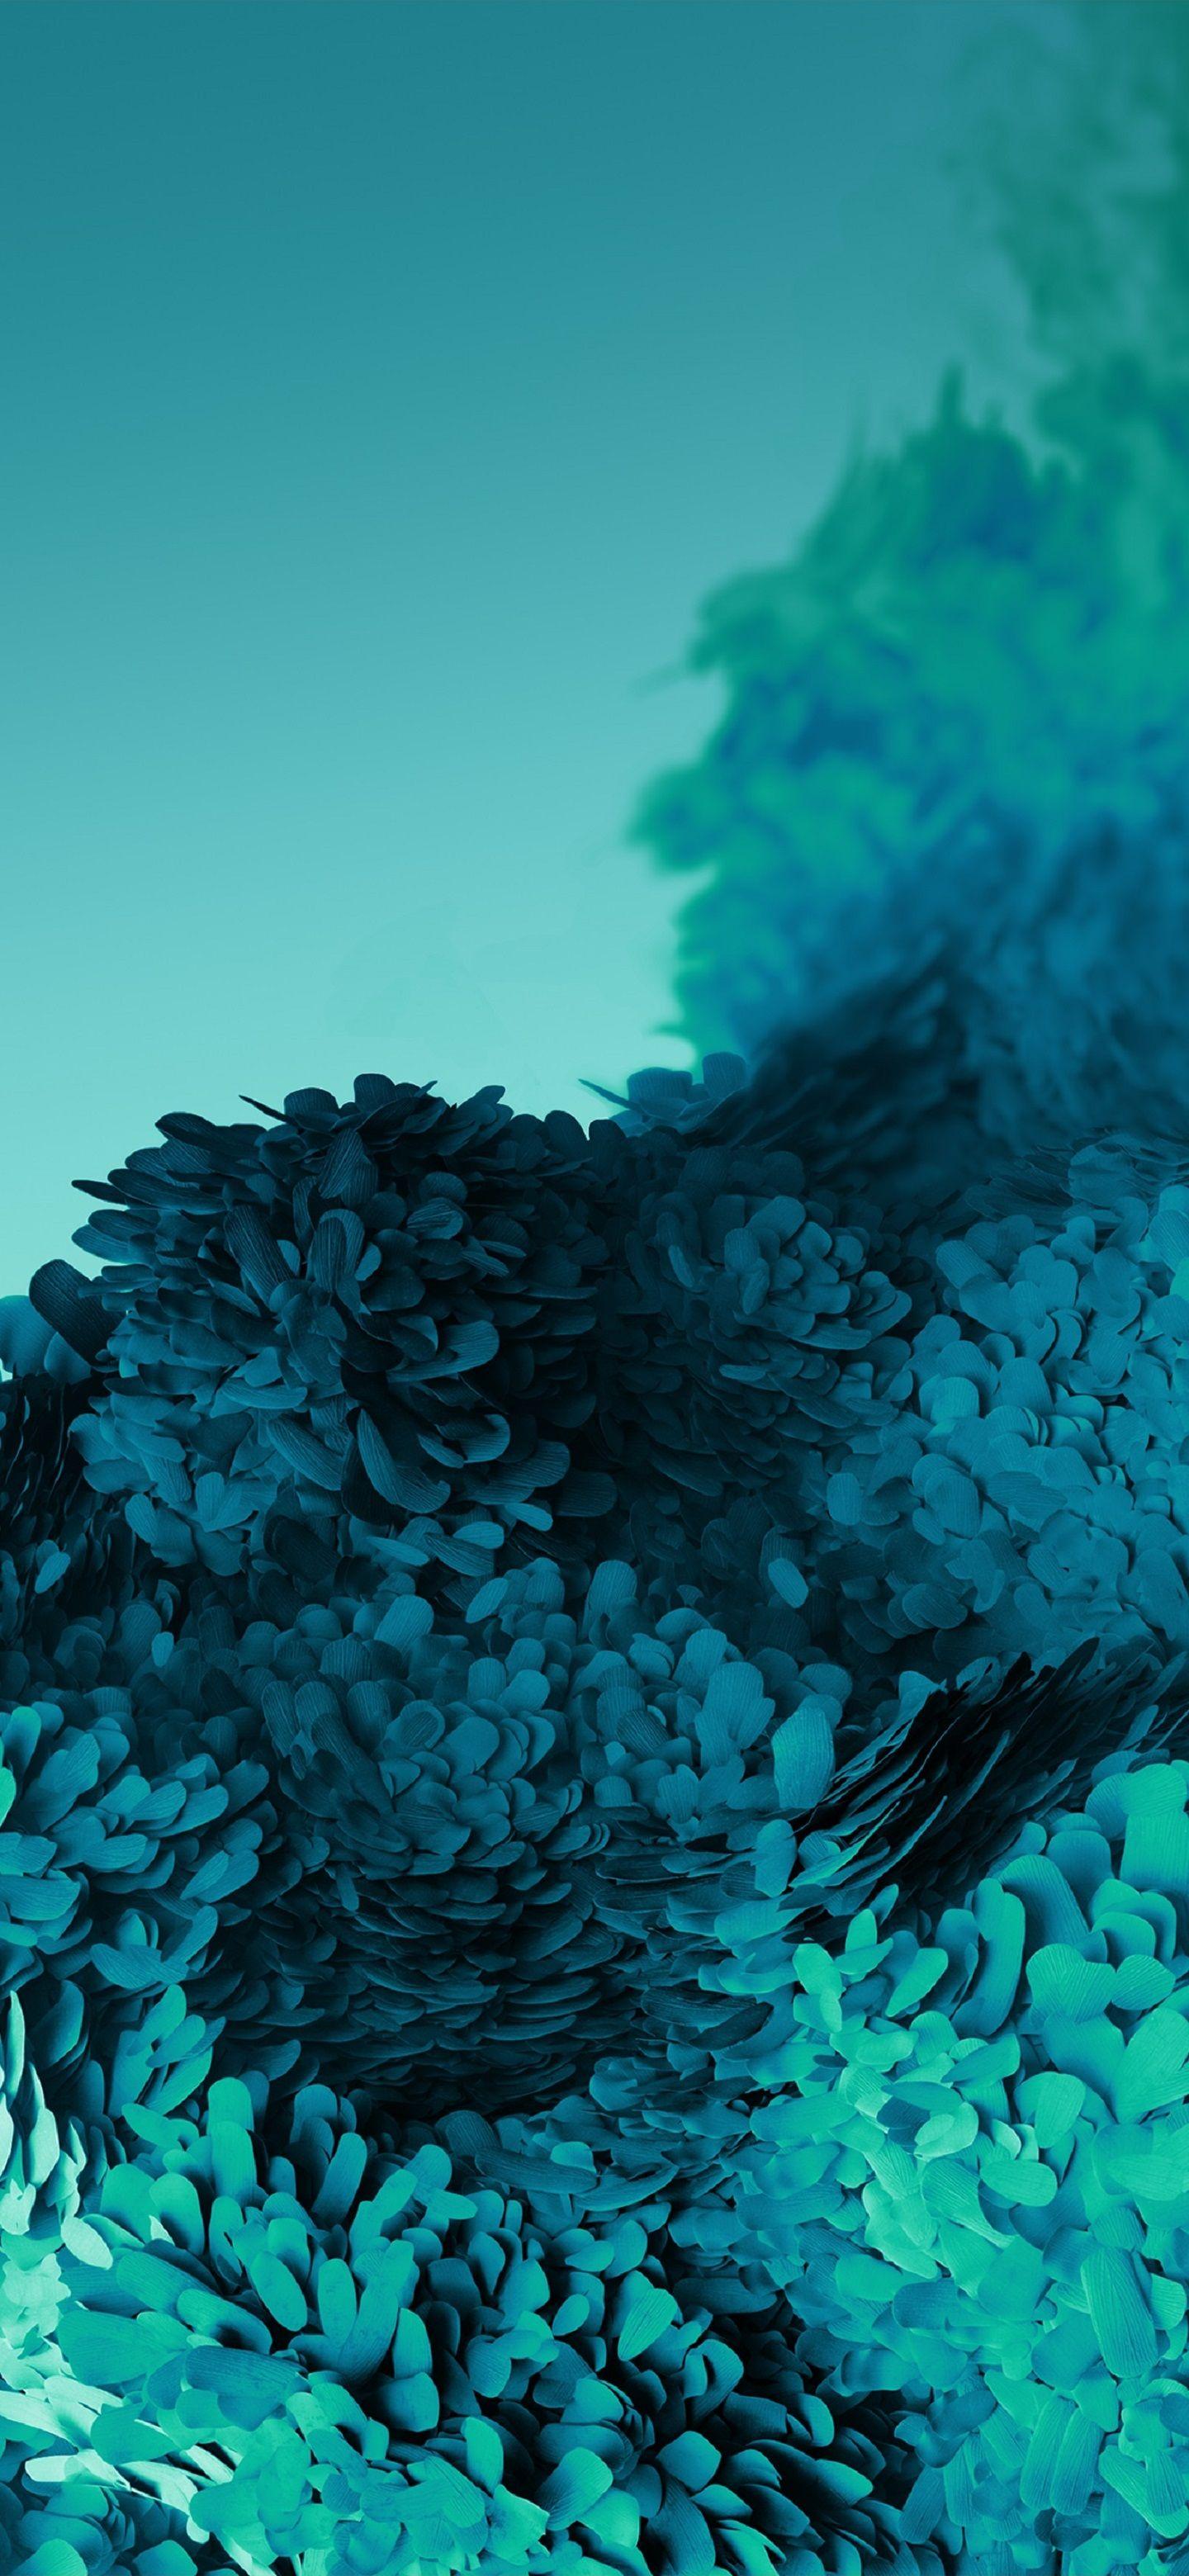 Hình nền Samsung vẩy xanh cực đẹp cực xinh